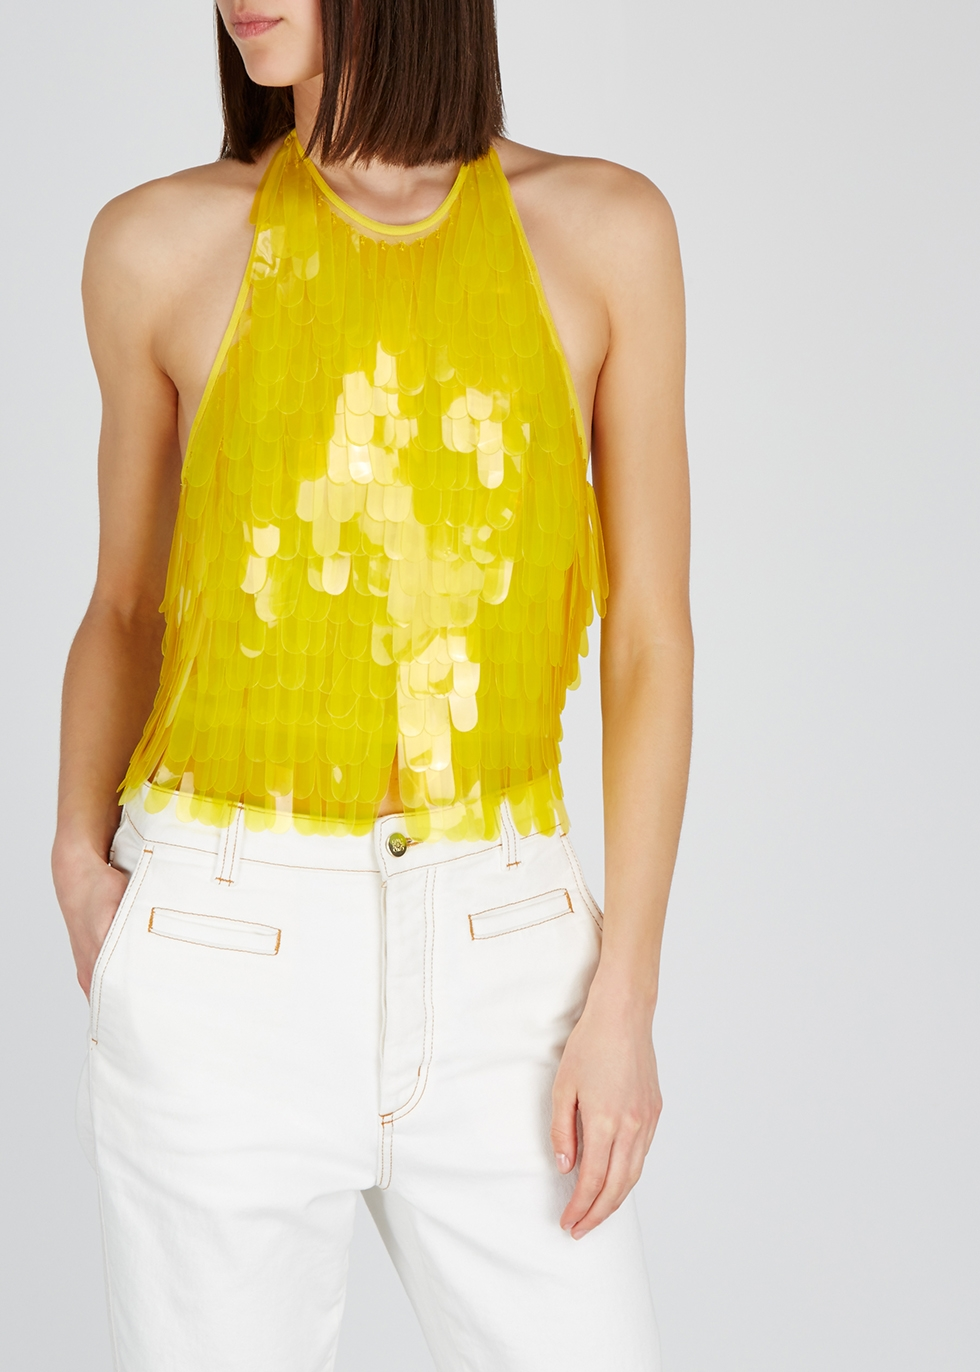 Yellow paillette-embellished mesh top - Dries Van Noten